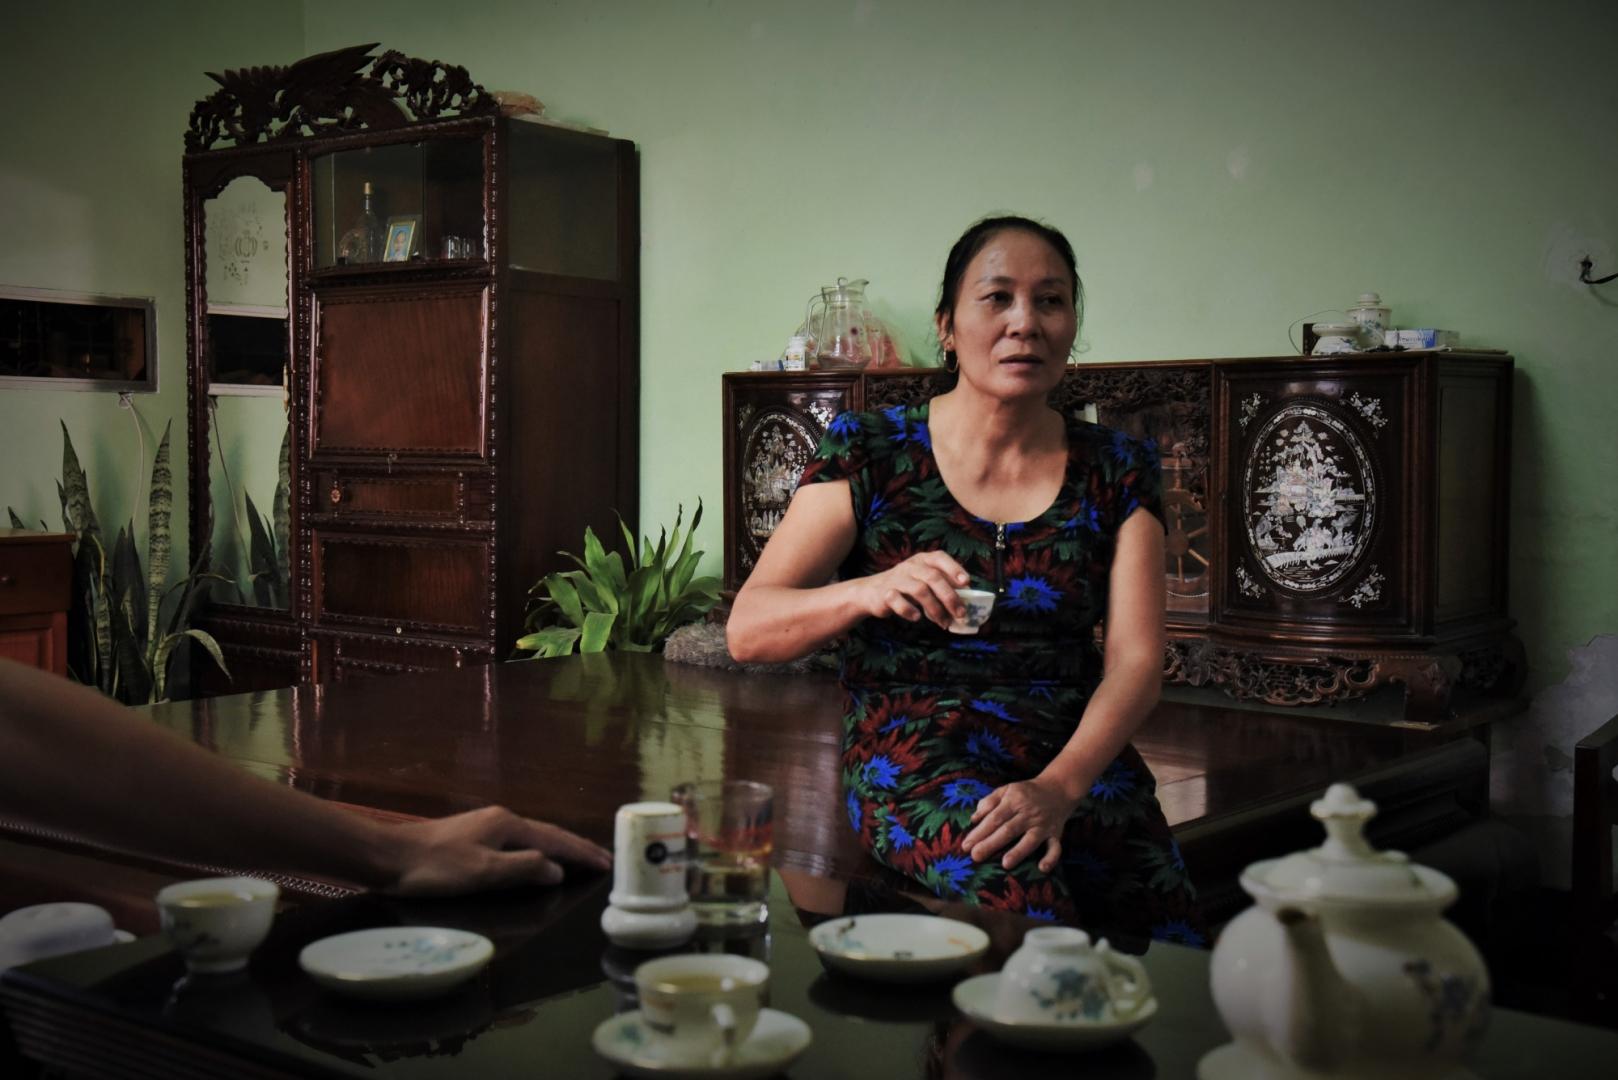 Занятие мужа не стало для Ha Thi Hue неожиданным сюрпризом. Thi Hue родилась в деревне Винь Сон и с раннего детства наблюдала за тем, как ухаживают за змеями её родители